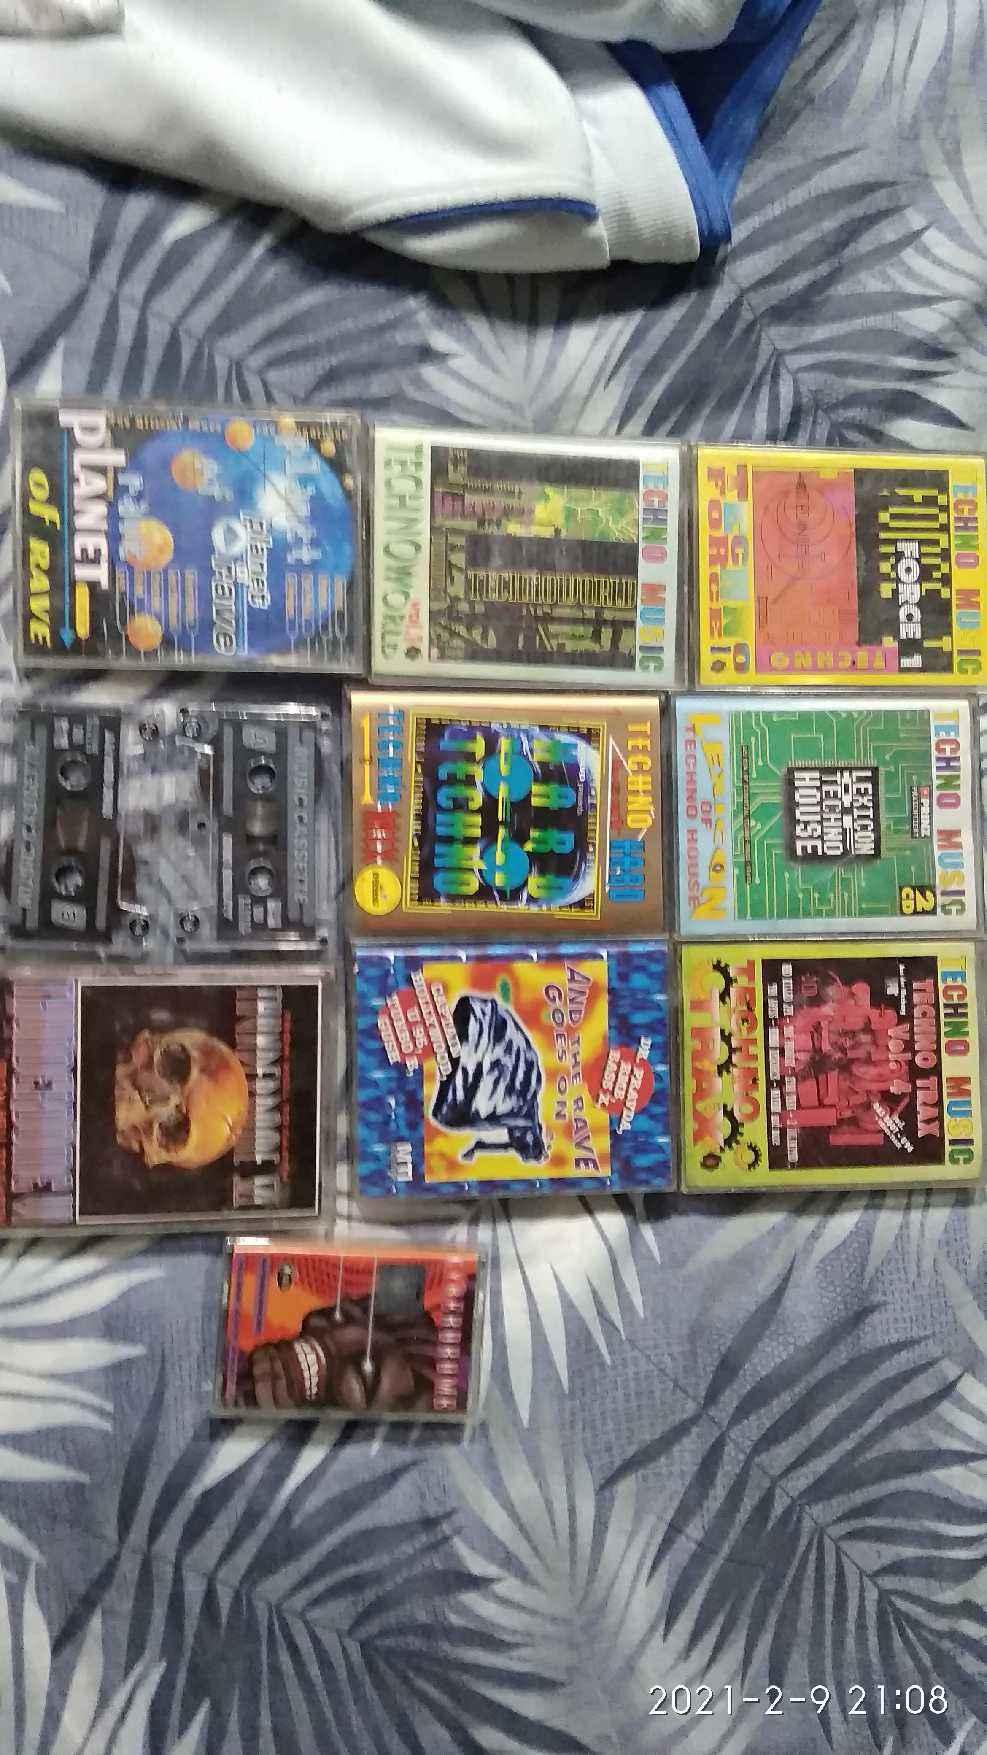 Kupię kasety techno Częstochowa - zdjęcie 3